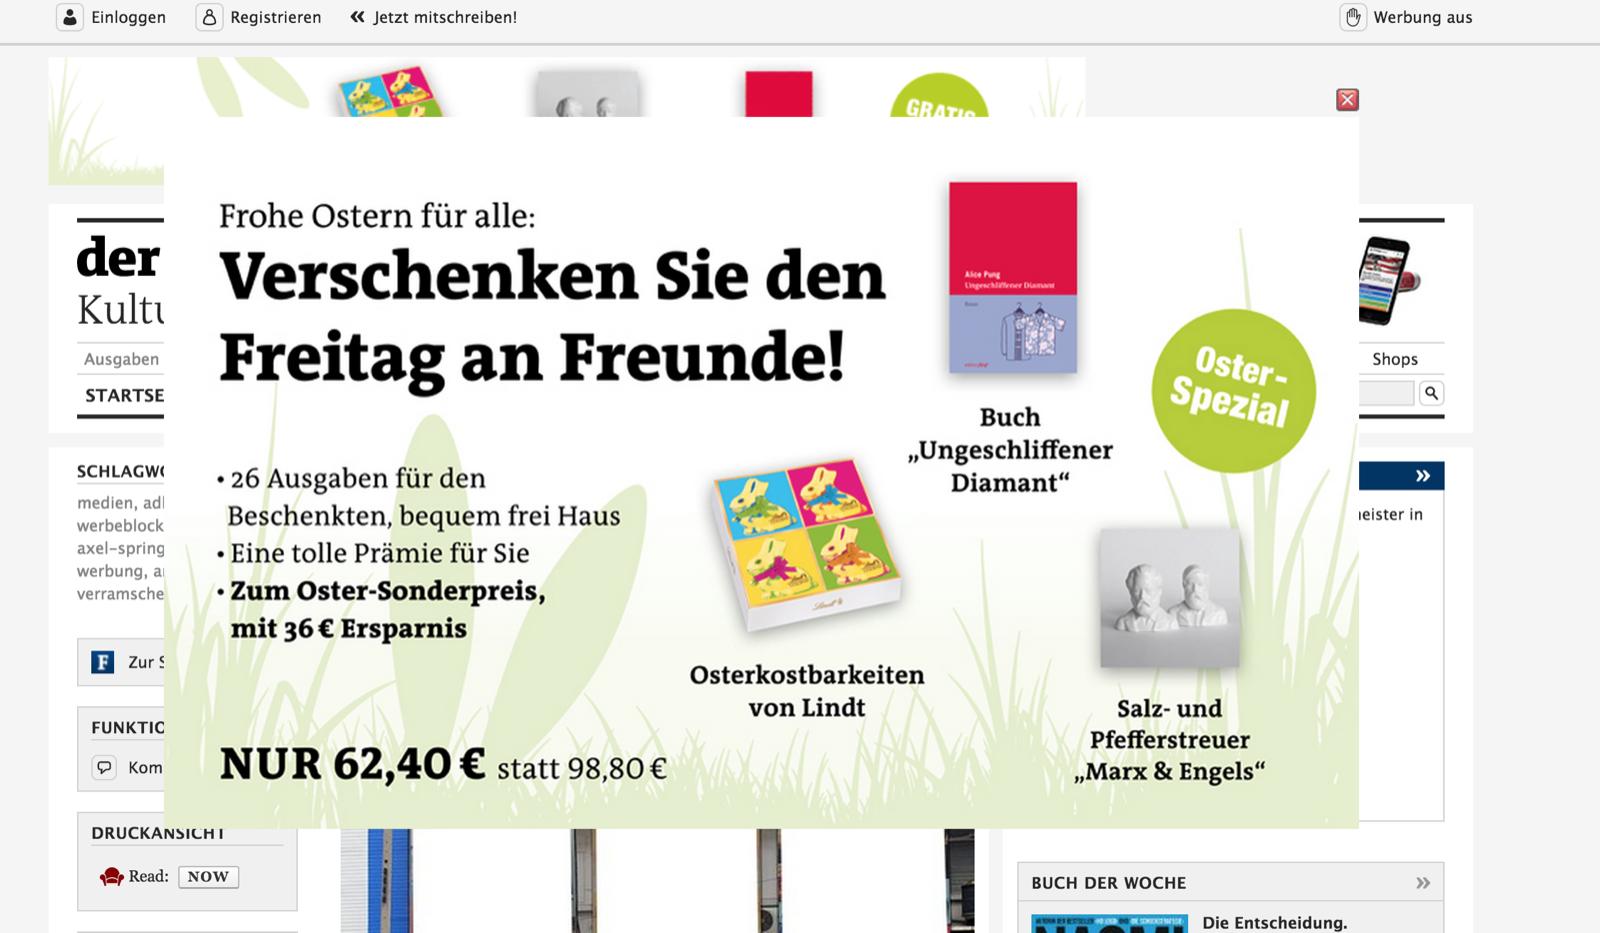 popupwerbung auf freitag.de